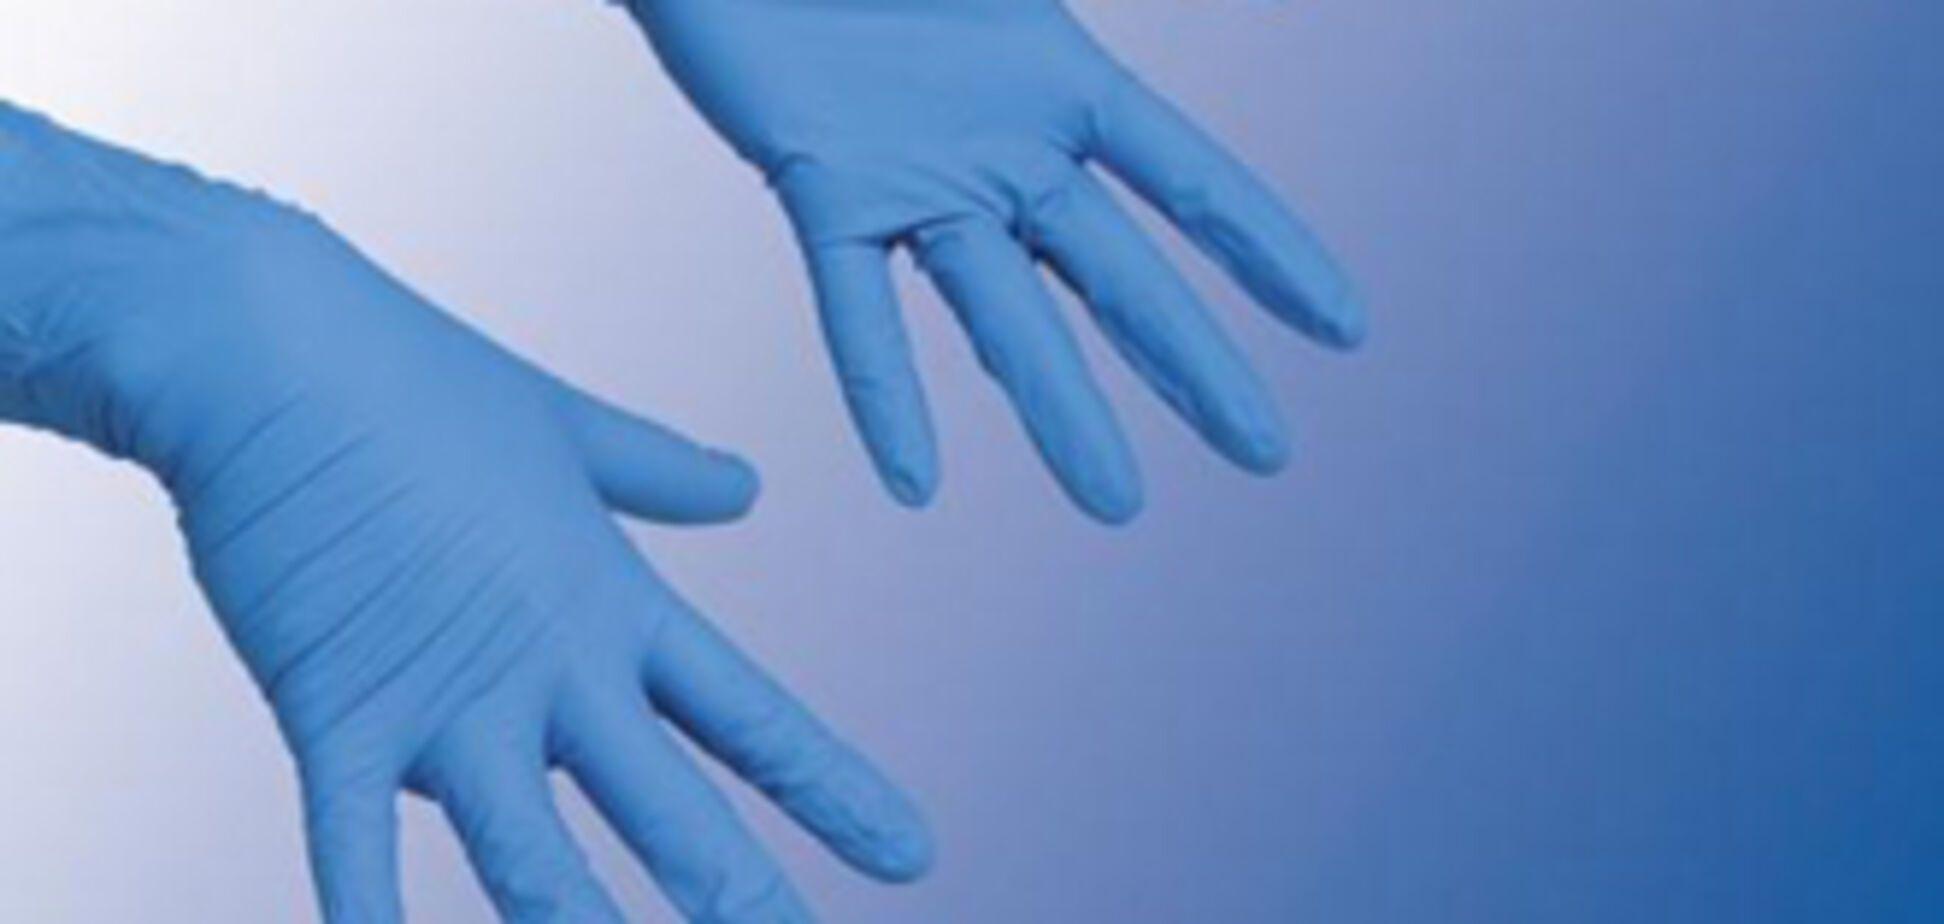 Найдены 'кровавые' перчатки Пукача